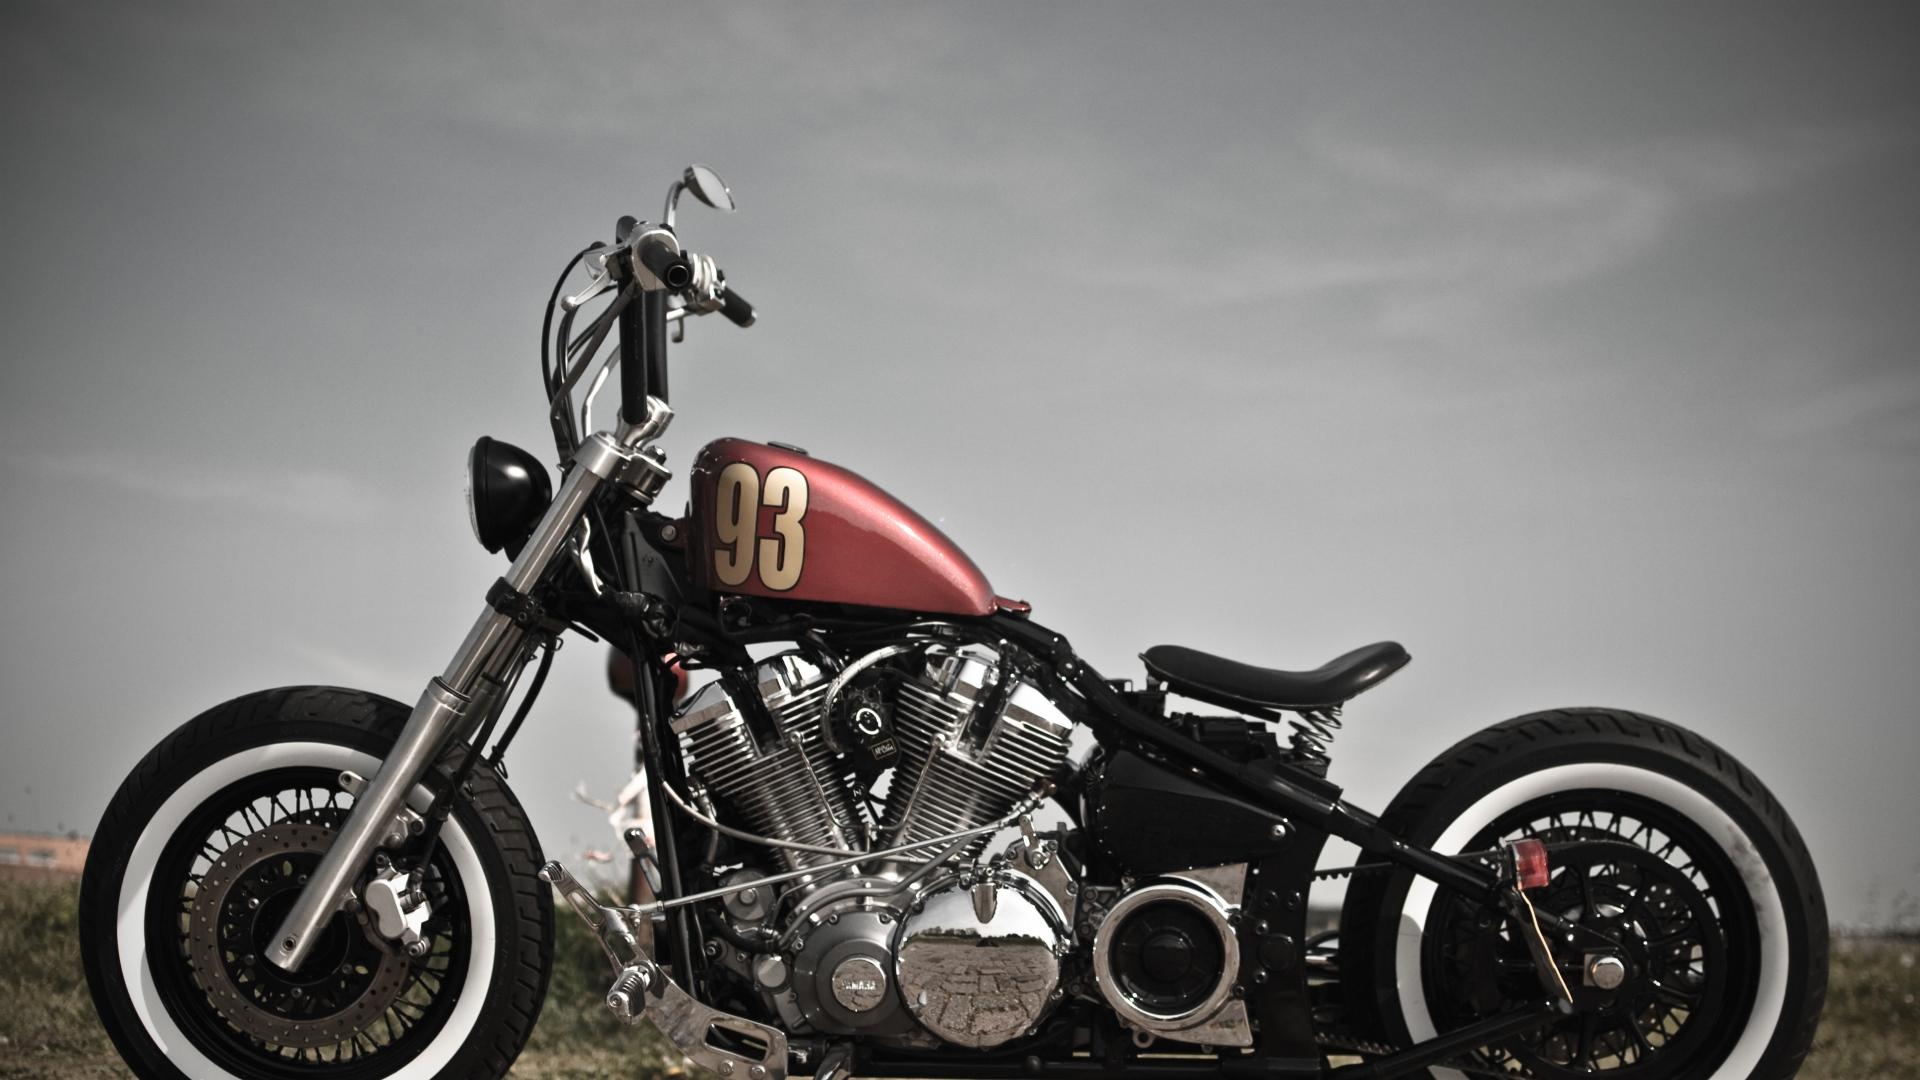 Harley davidson sportster bobber - Old school harley davidson wallpaper ...